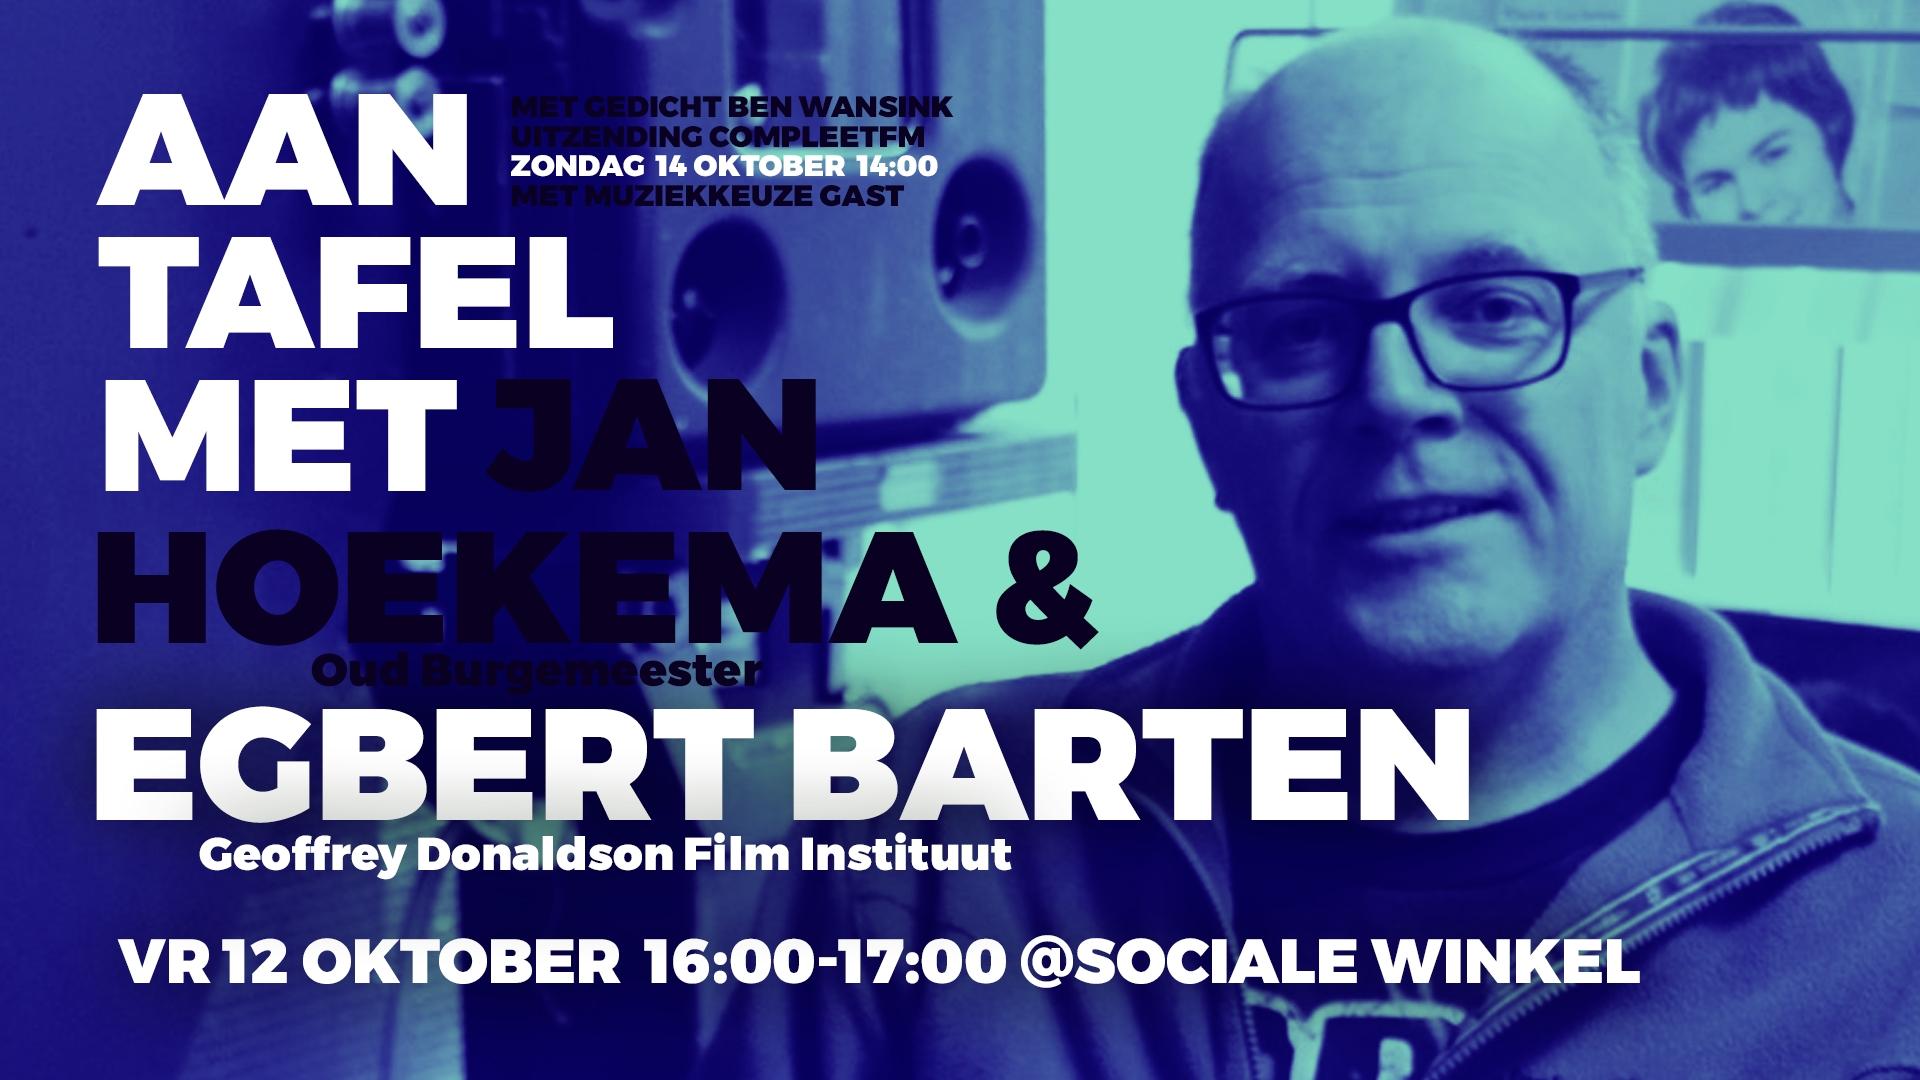 Aan tafel met... Egbert Barten